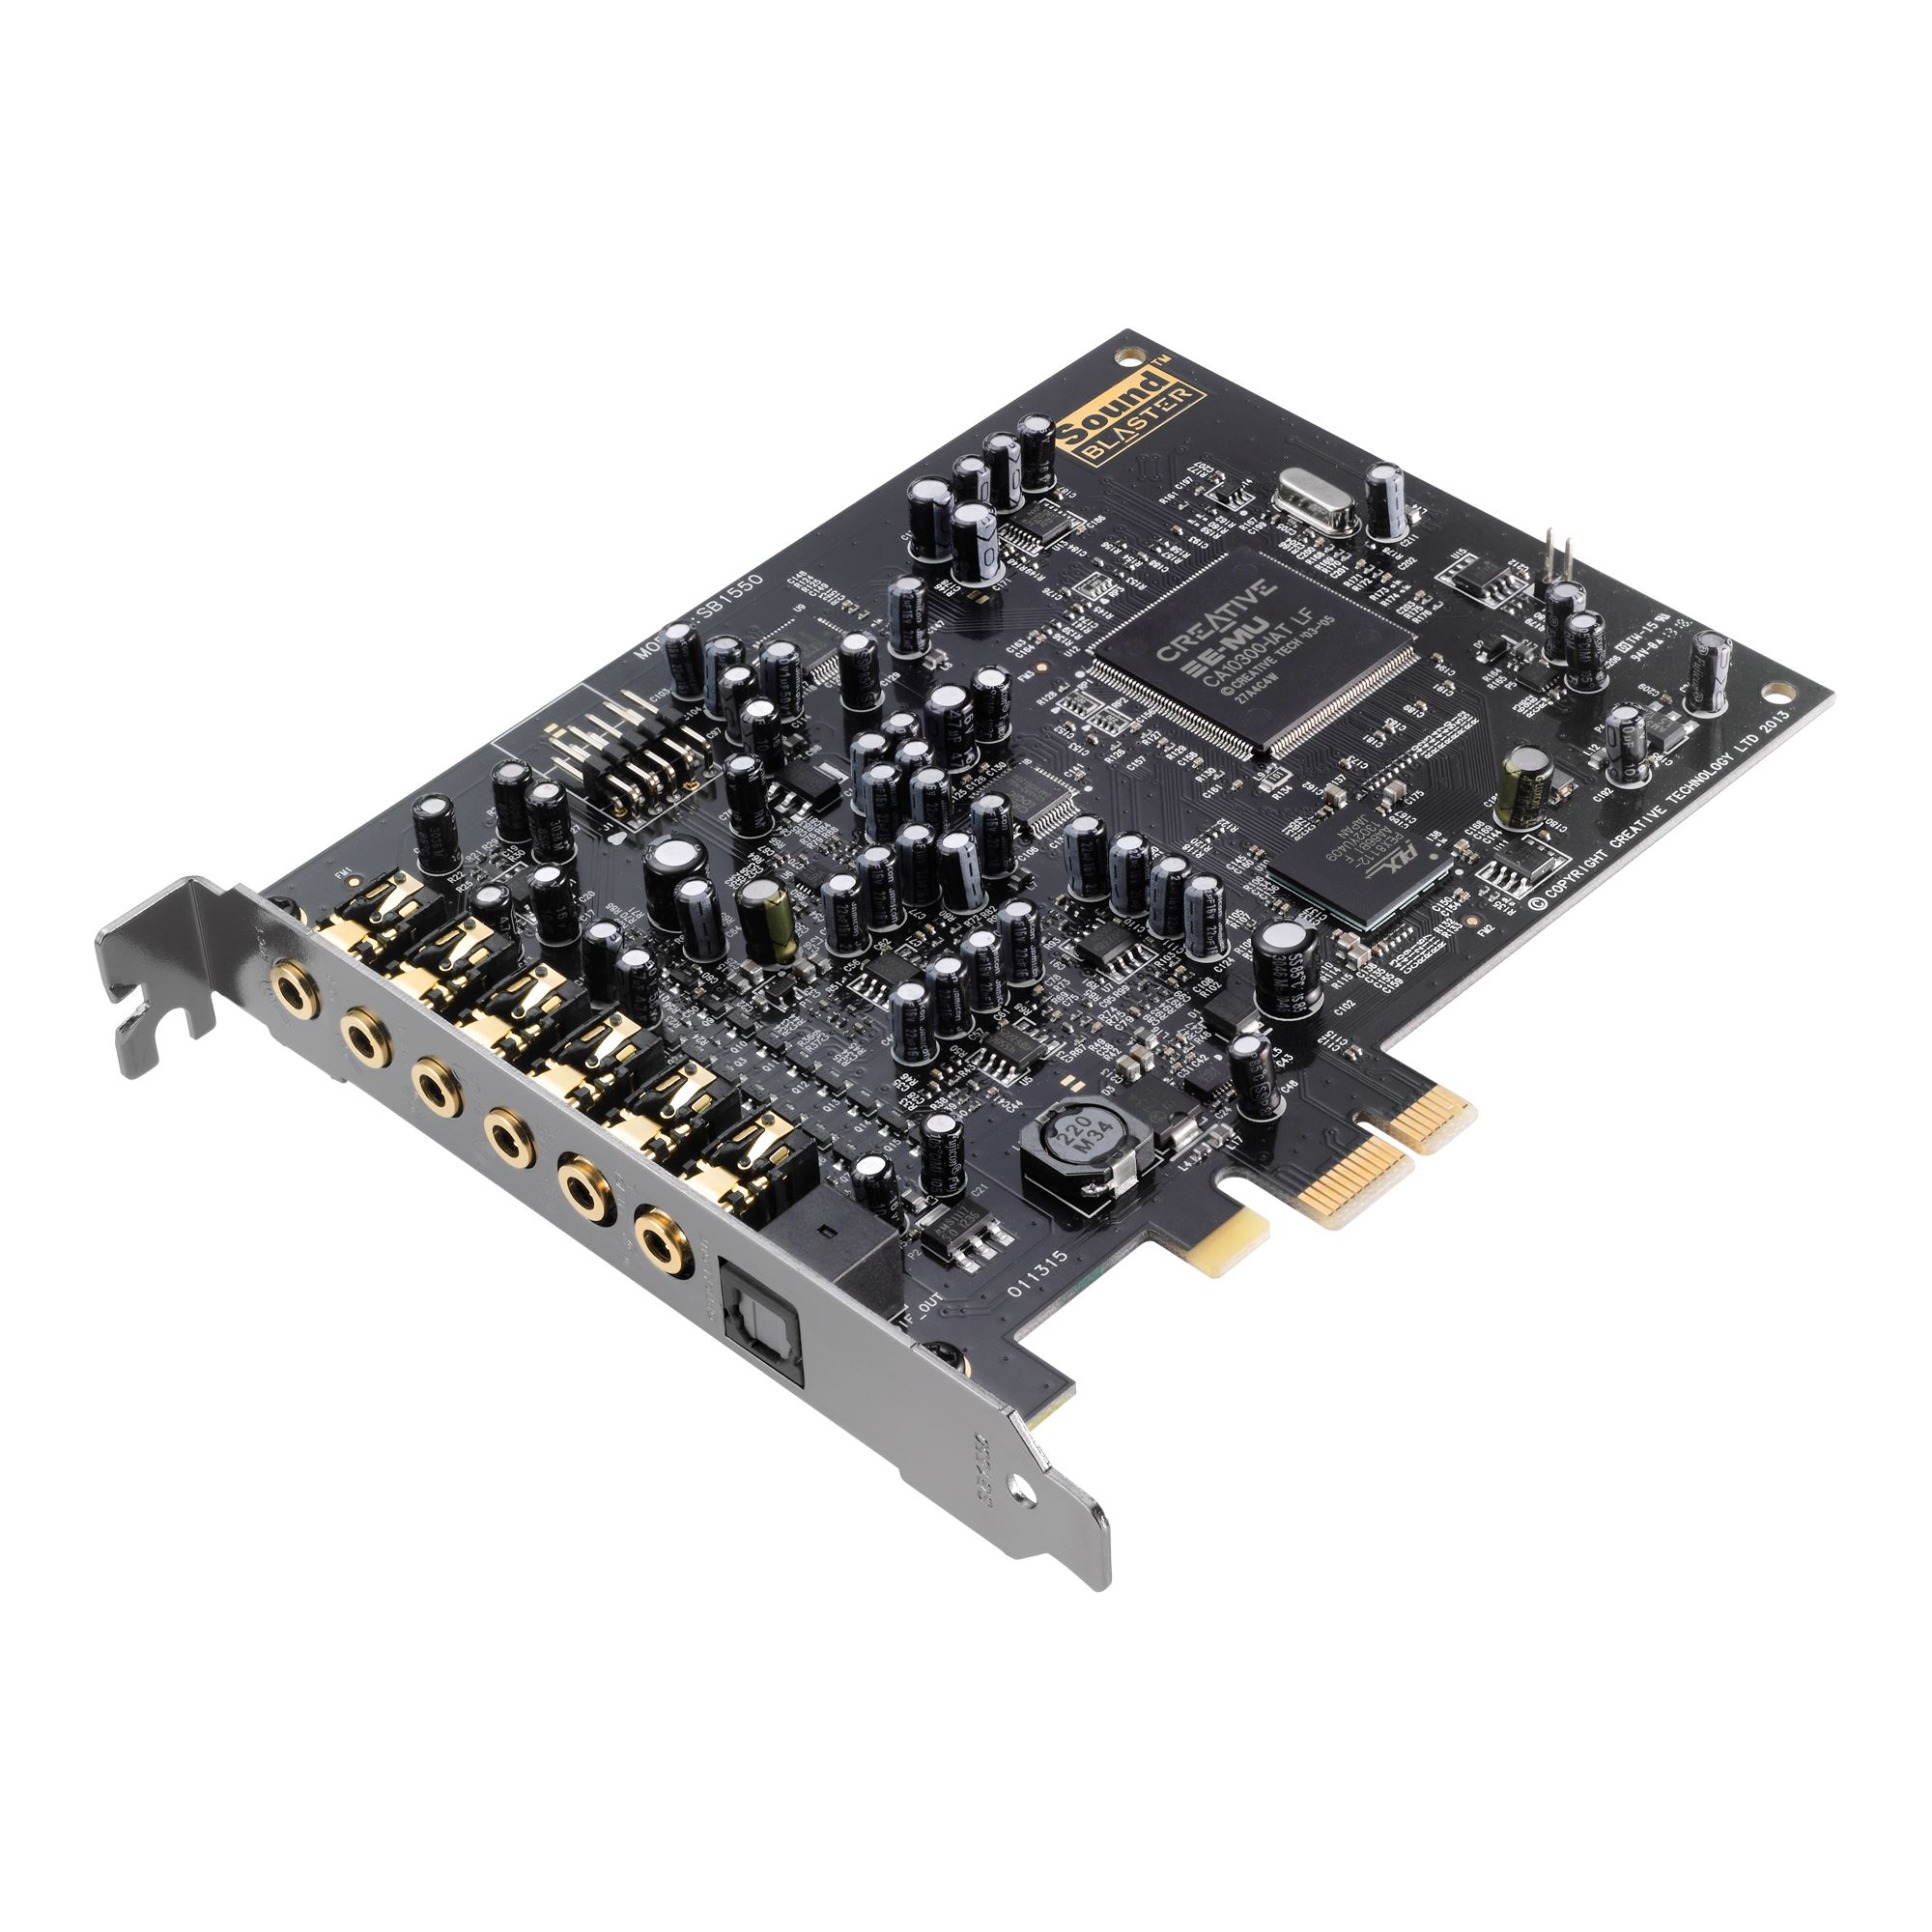 Creative Sound Blaster AUDIGY RX, zvuková karta 7.1, 24bit, EAX, PCIe